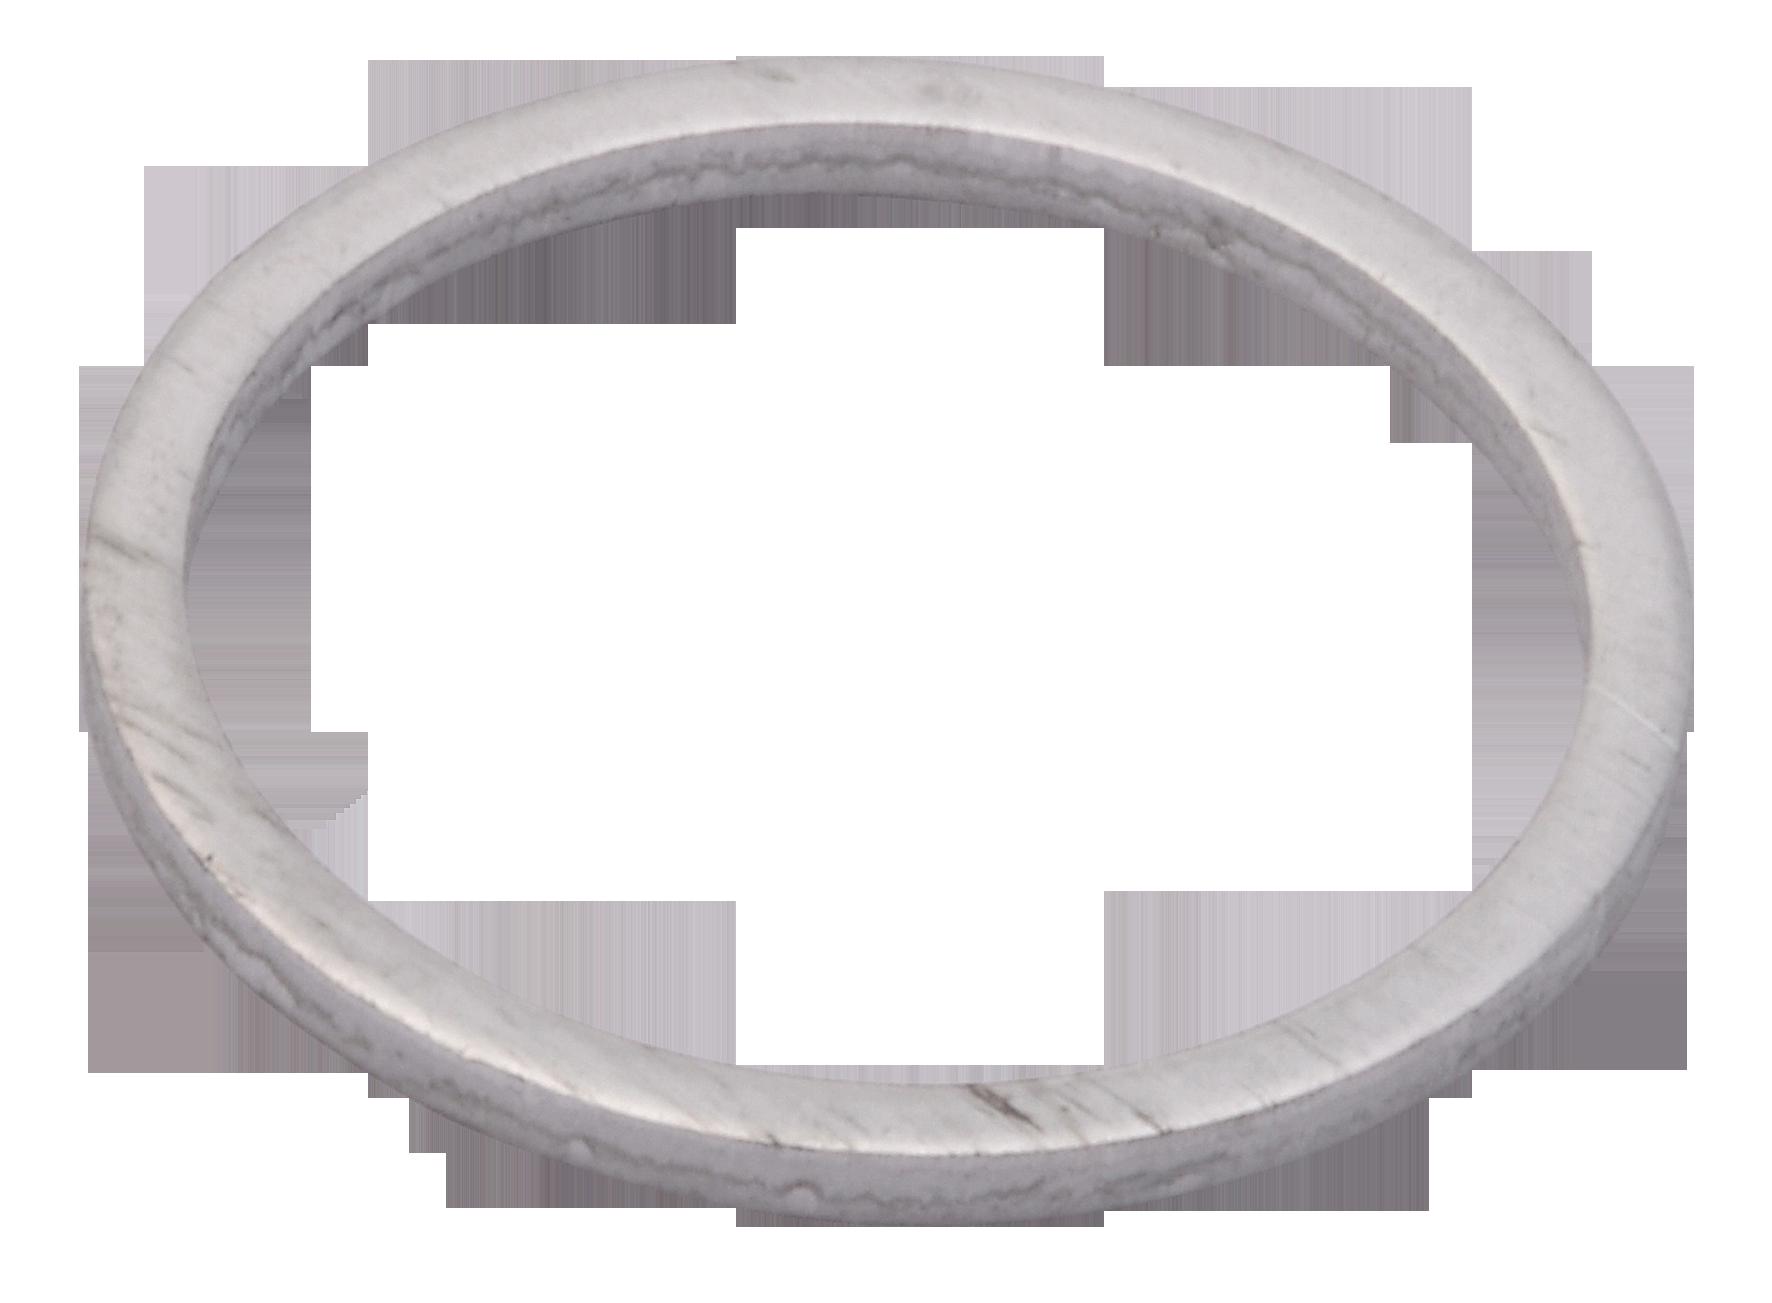 Pierścień uszczelniający, korek spustowy oleju 03026L w niskiej cenie — kupić teraz!